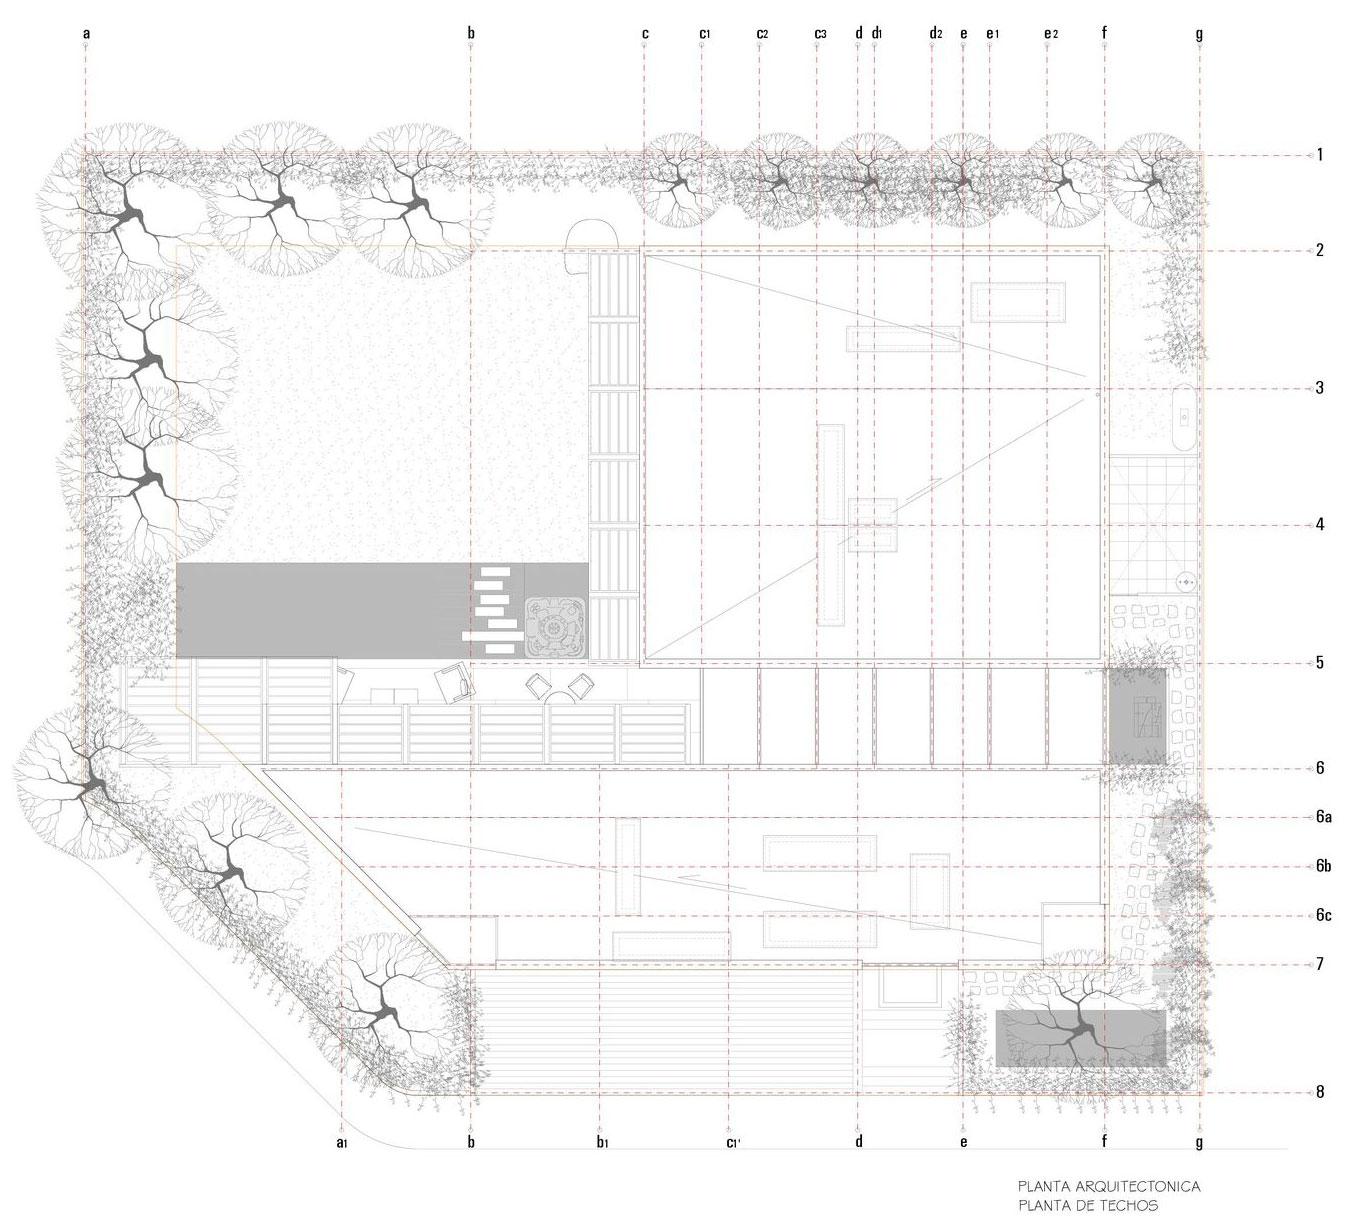 Dalias House grupoarquitectura-30